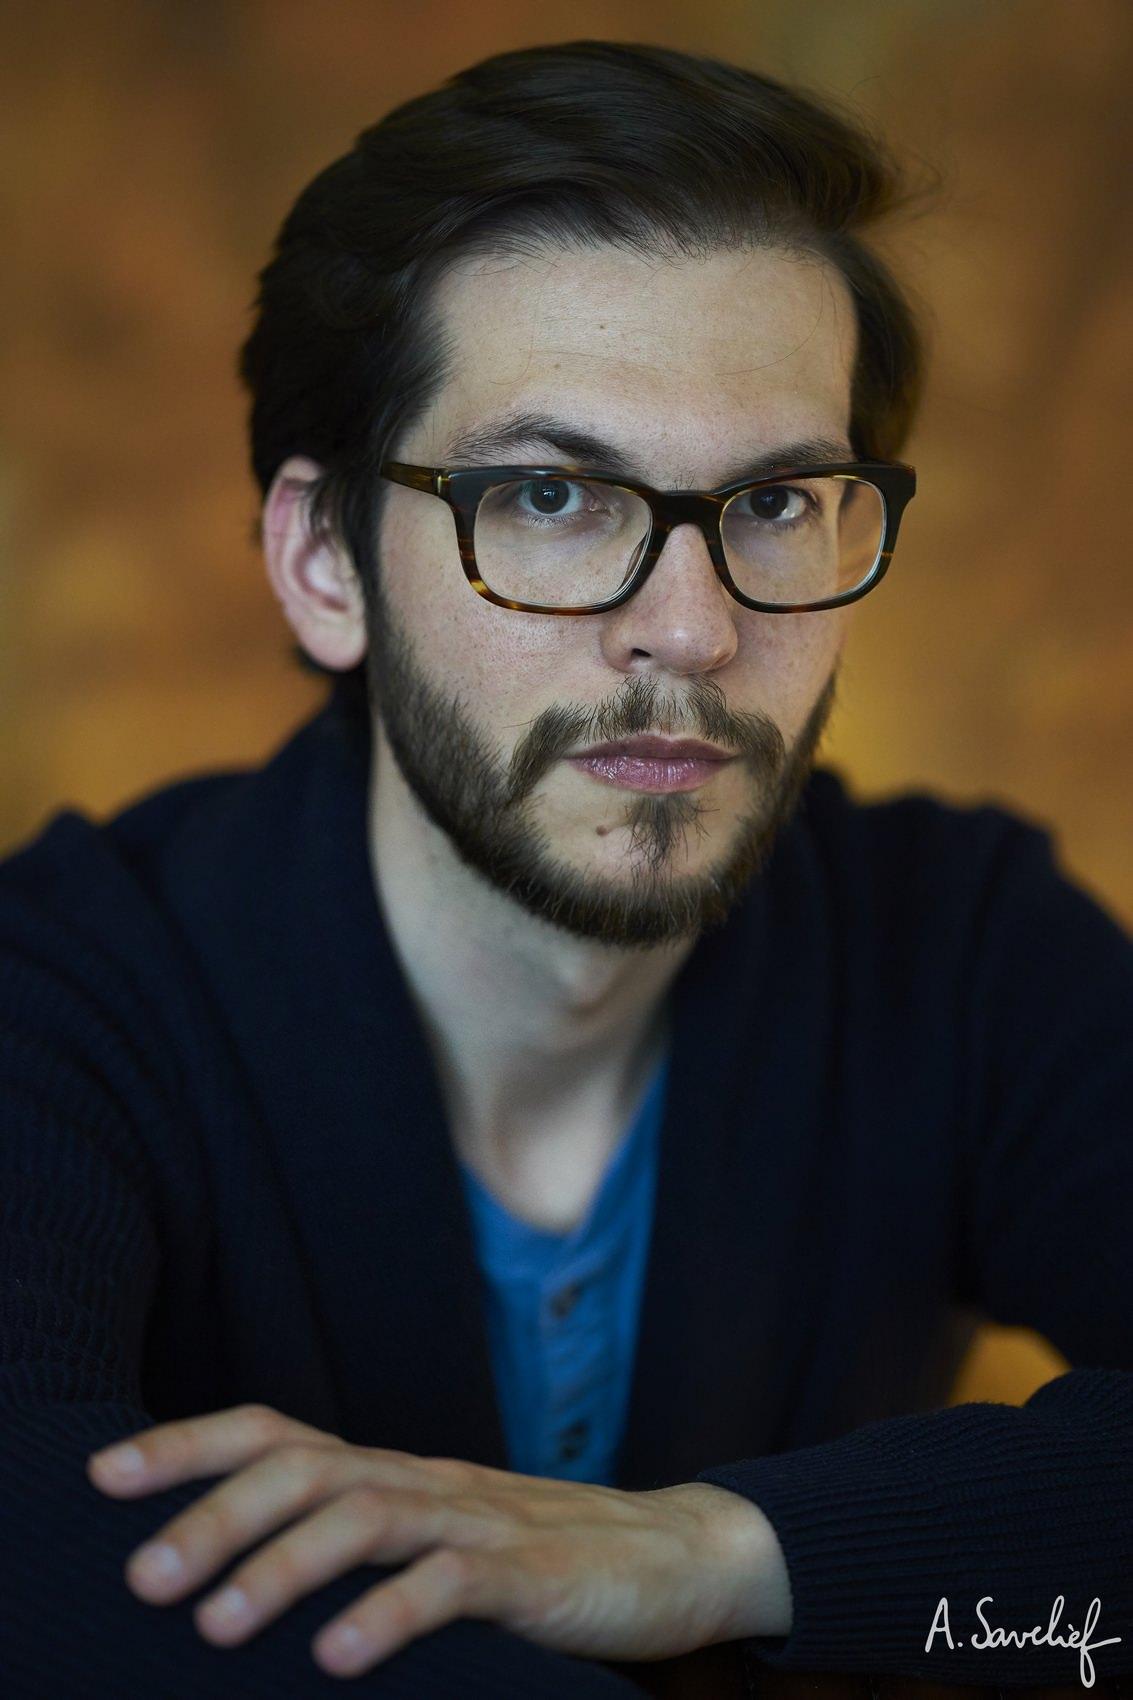 portrait d'Alexis Savelief, compositeur de musique